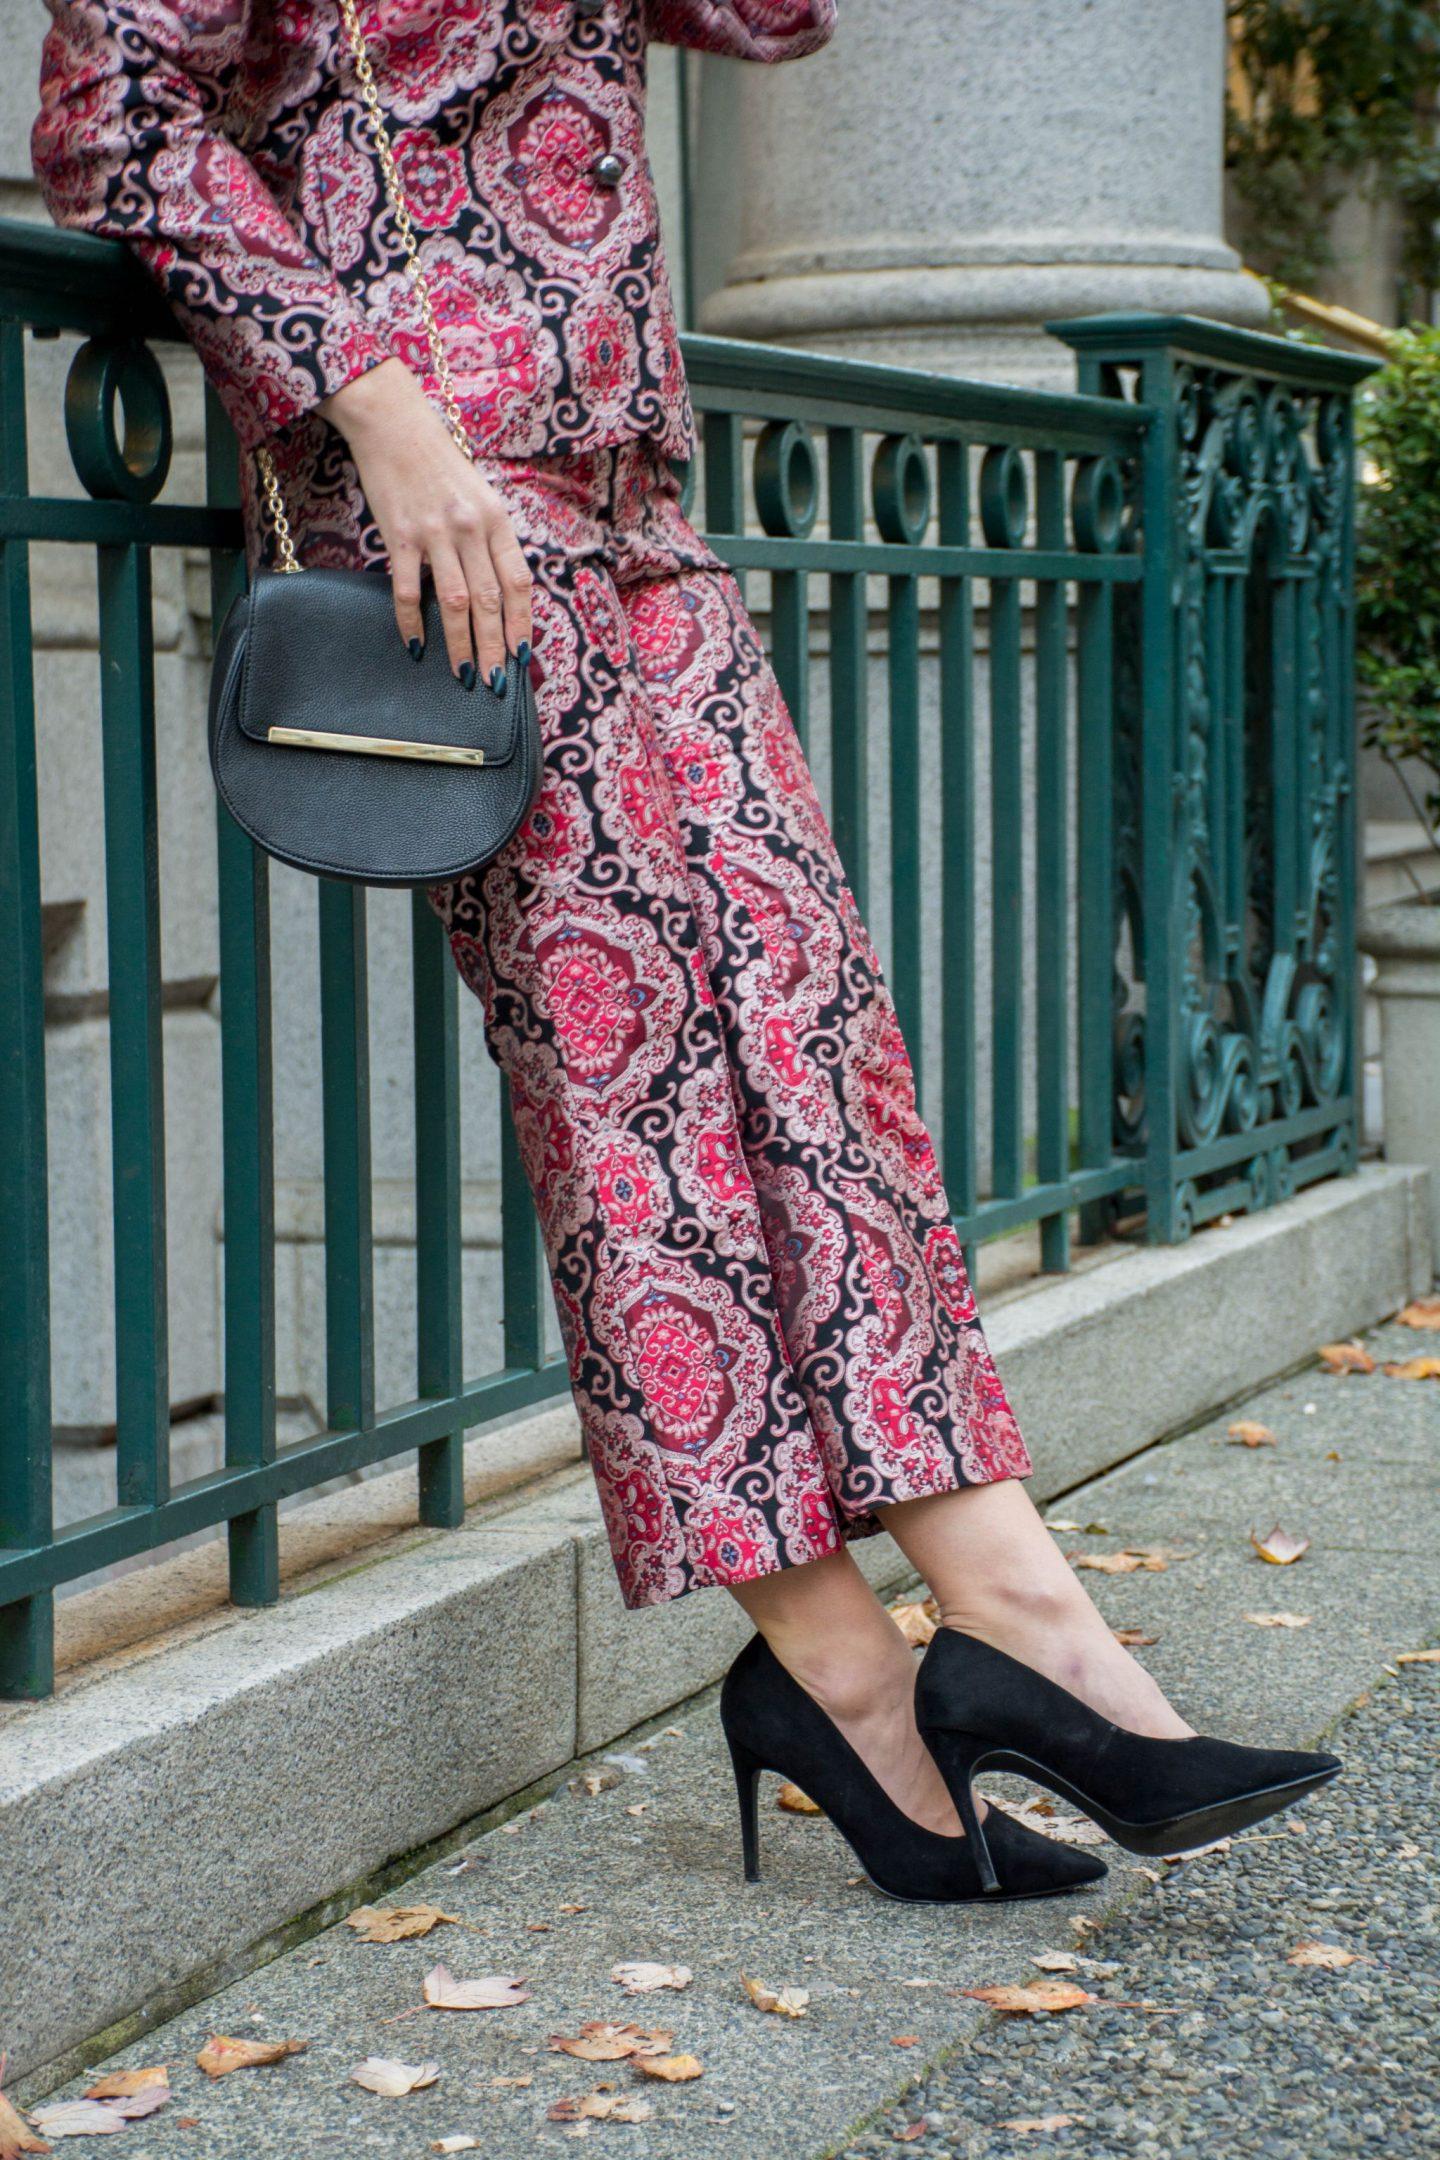 kate spade new york 30% off jacquard pants black suede heels